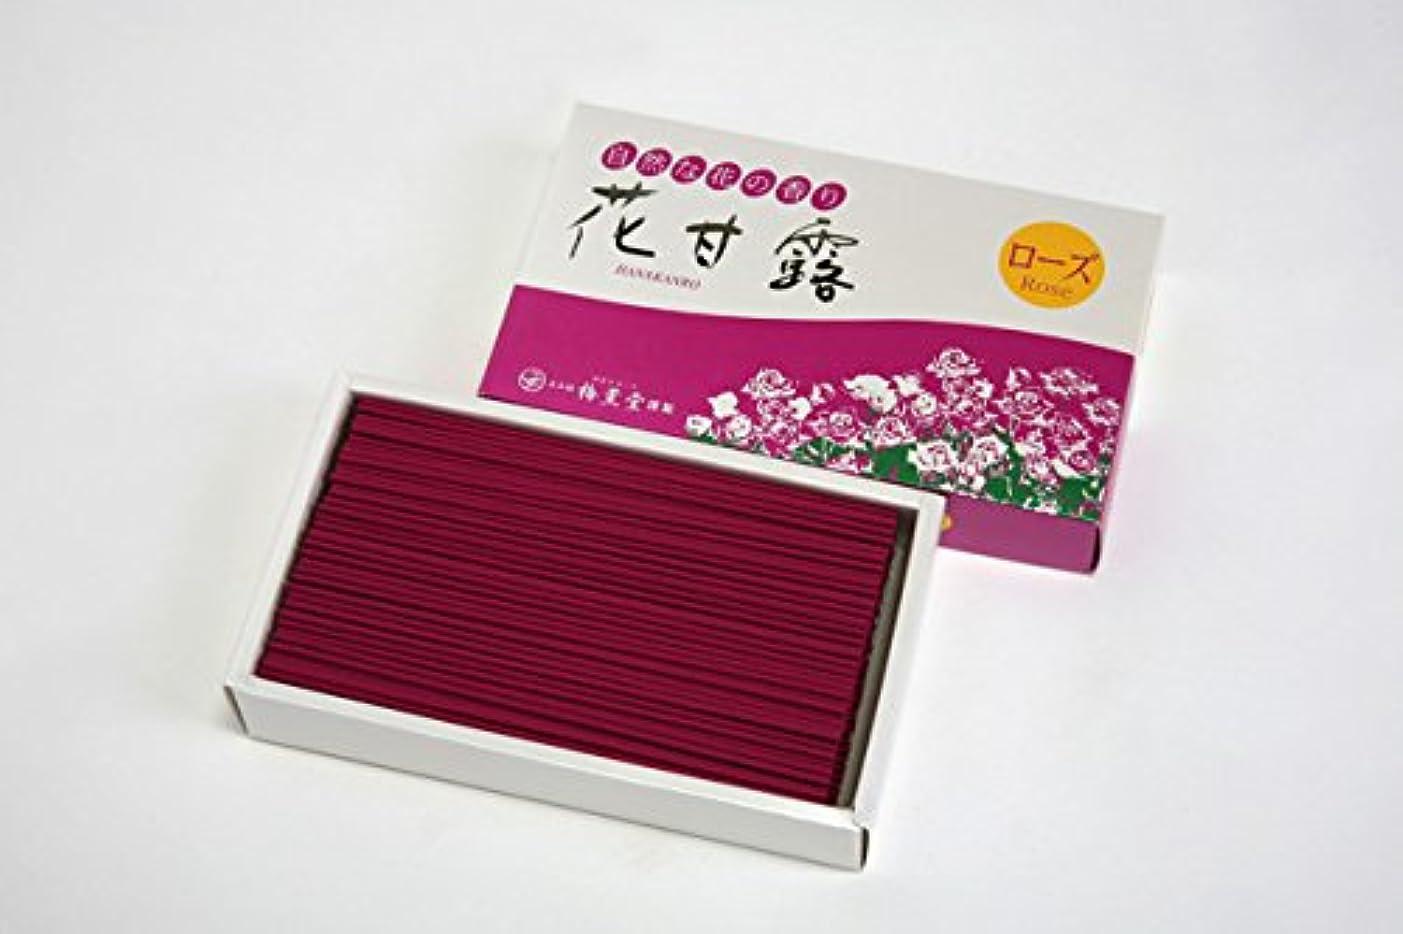 転倒メトロポリタンエレガント梅薫堂 花甘露ローズ 煙少タイプ (1箱)